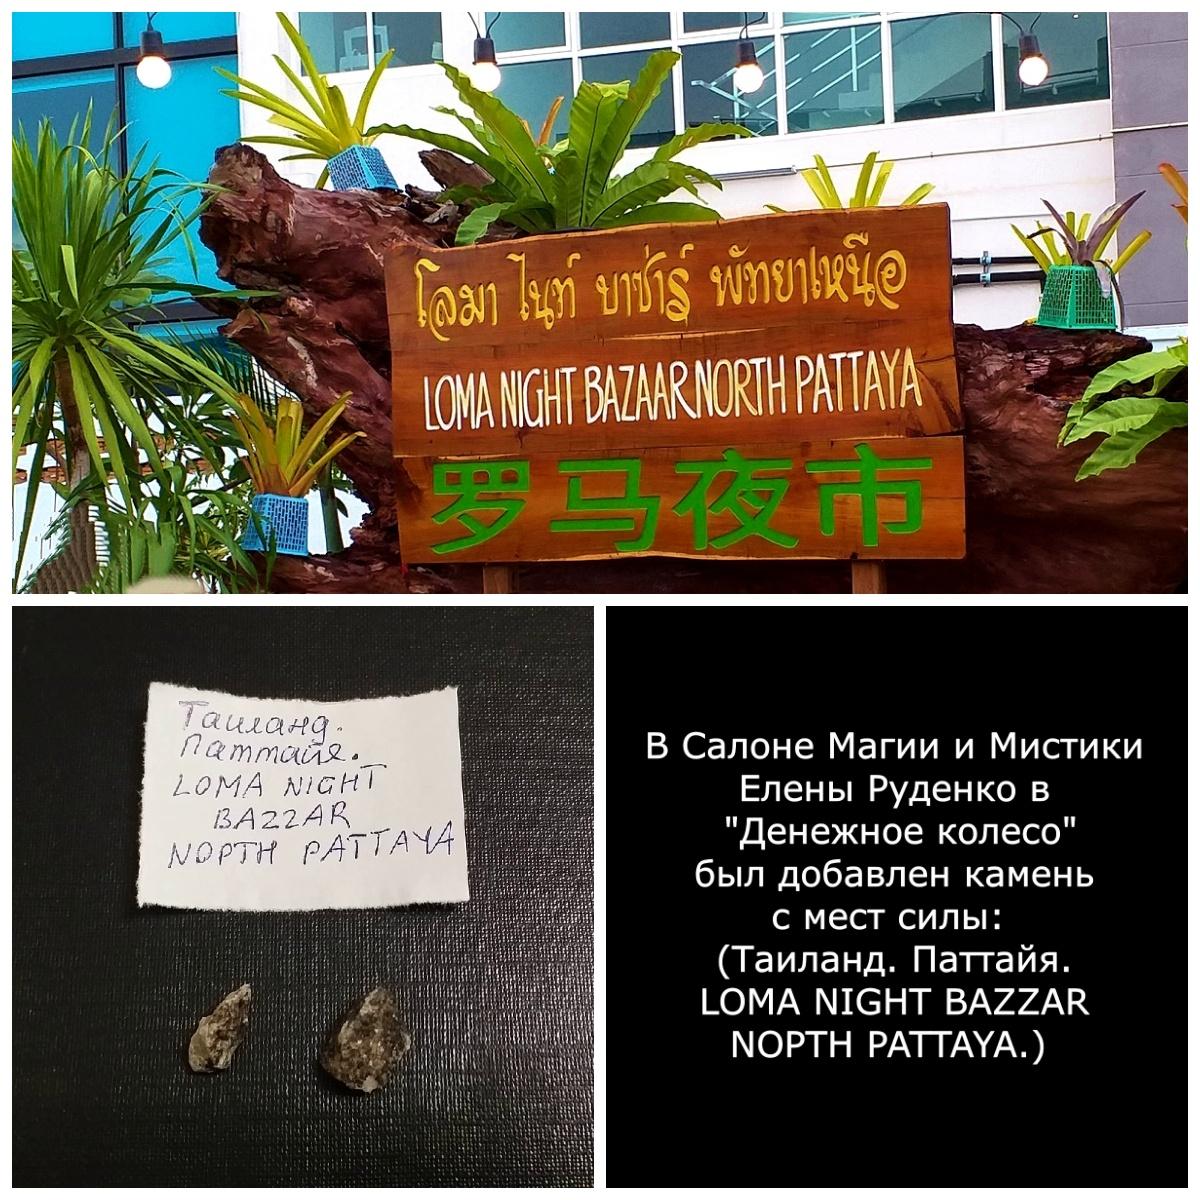 Елена Руденко (Валтея). Таиланд мои впечатления. отзывы, достопримечательности, фото и видео.   4MsrsR85IuI